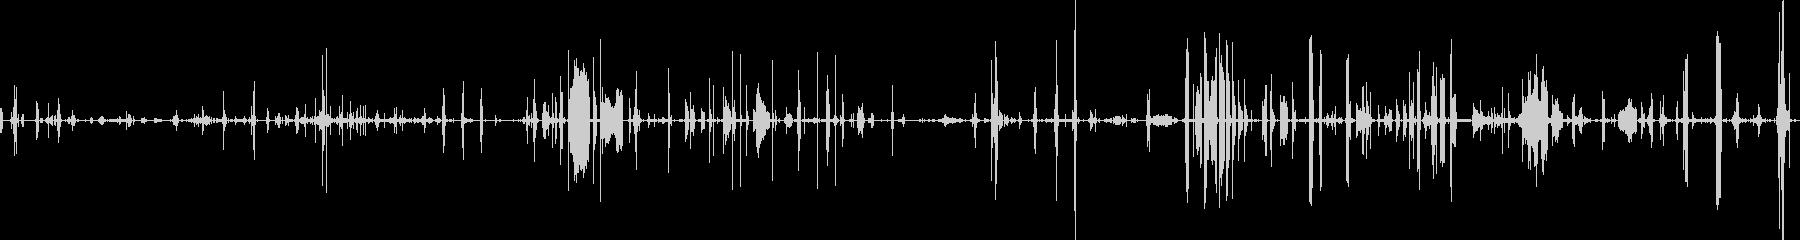 鳥のカナリーチャープフラッターフラップの未再生の波形